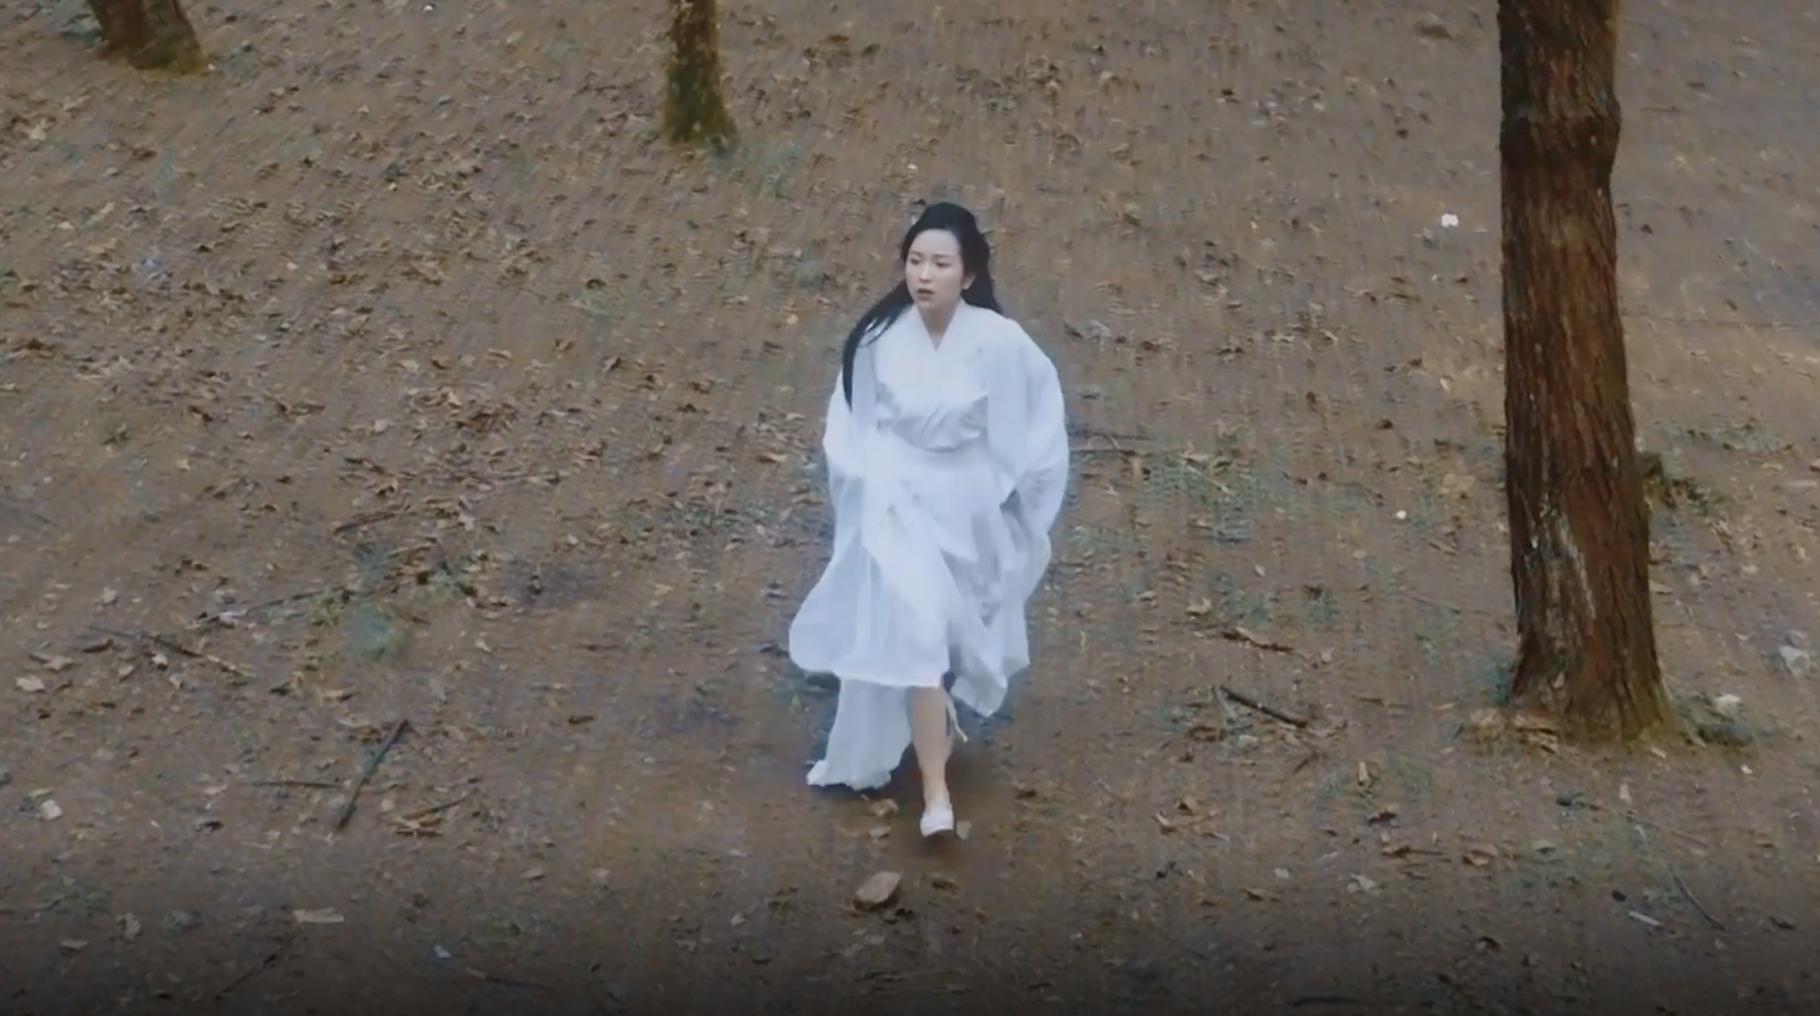 Chuyện đời Công Lý gói gọn trong 1 clip khiến dân mạng ngã ngửa: Người yêu bị giết, buồn tình lên núi ở, nhận em gái làm... con-2